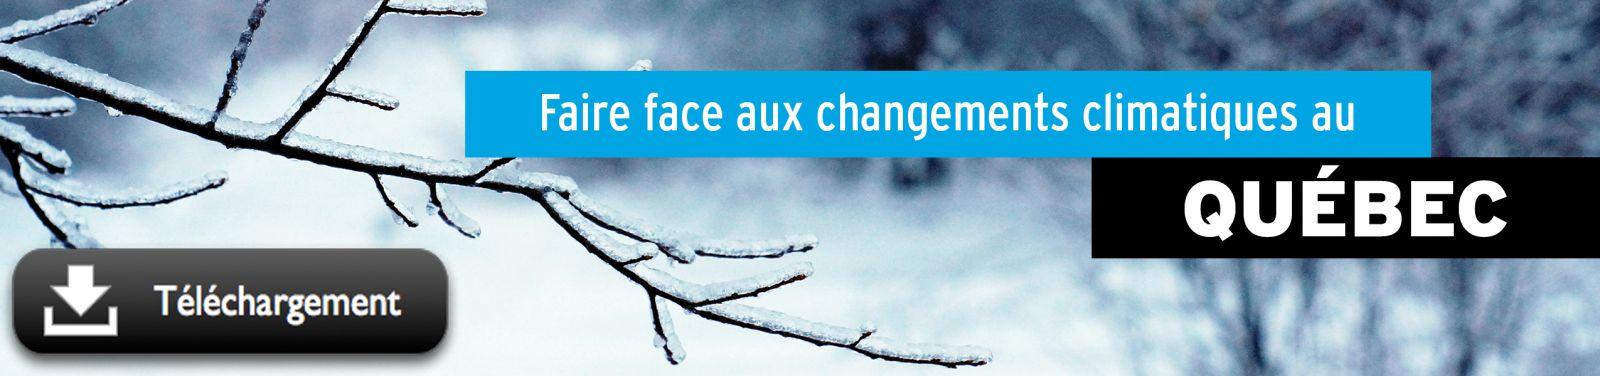 adaptation-aux-changements-climatiques